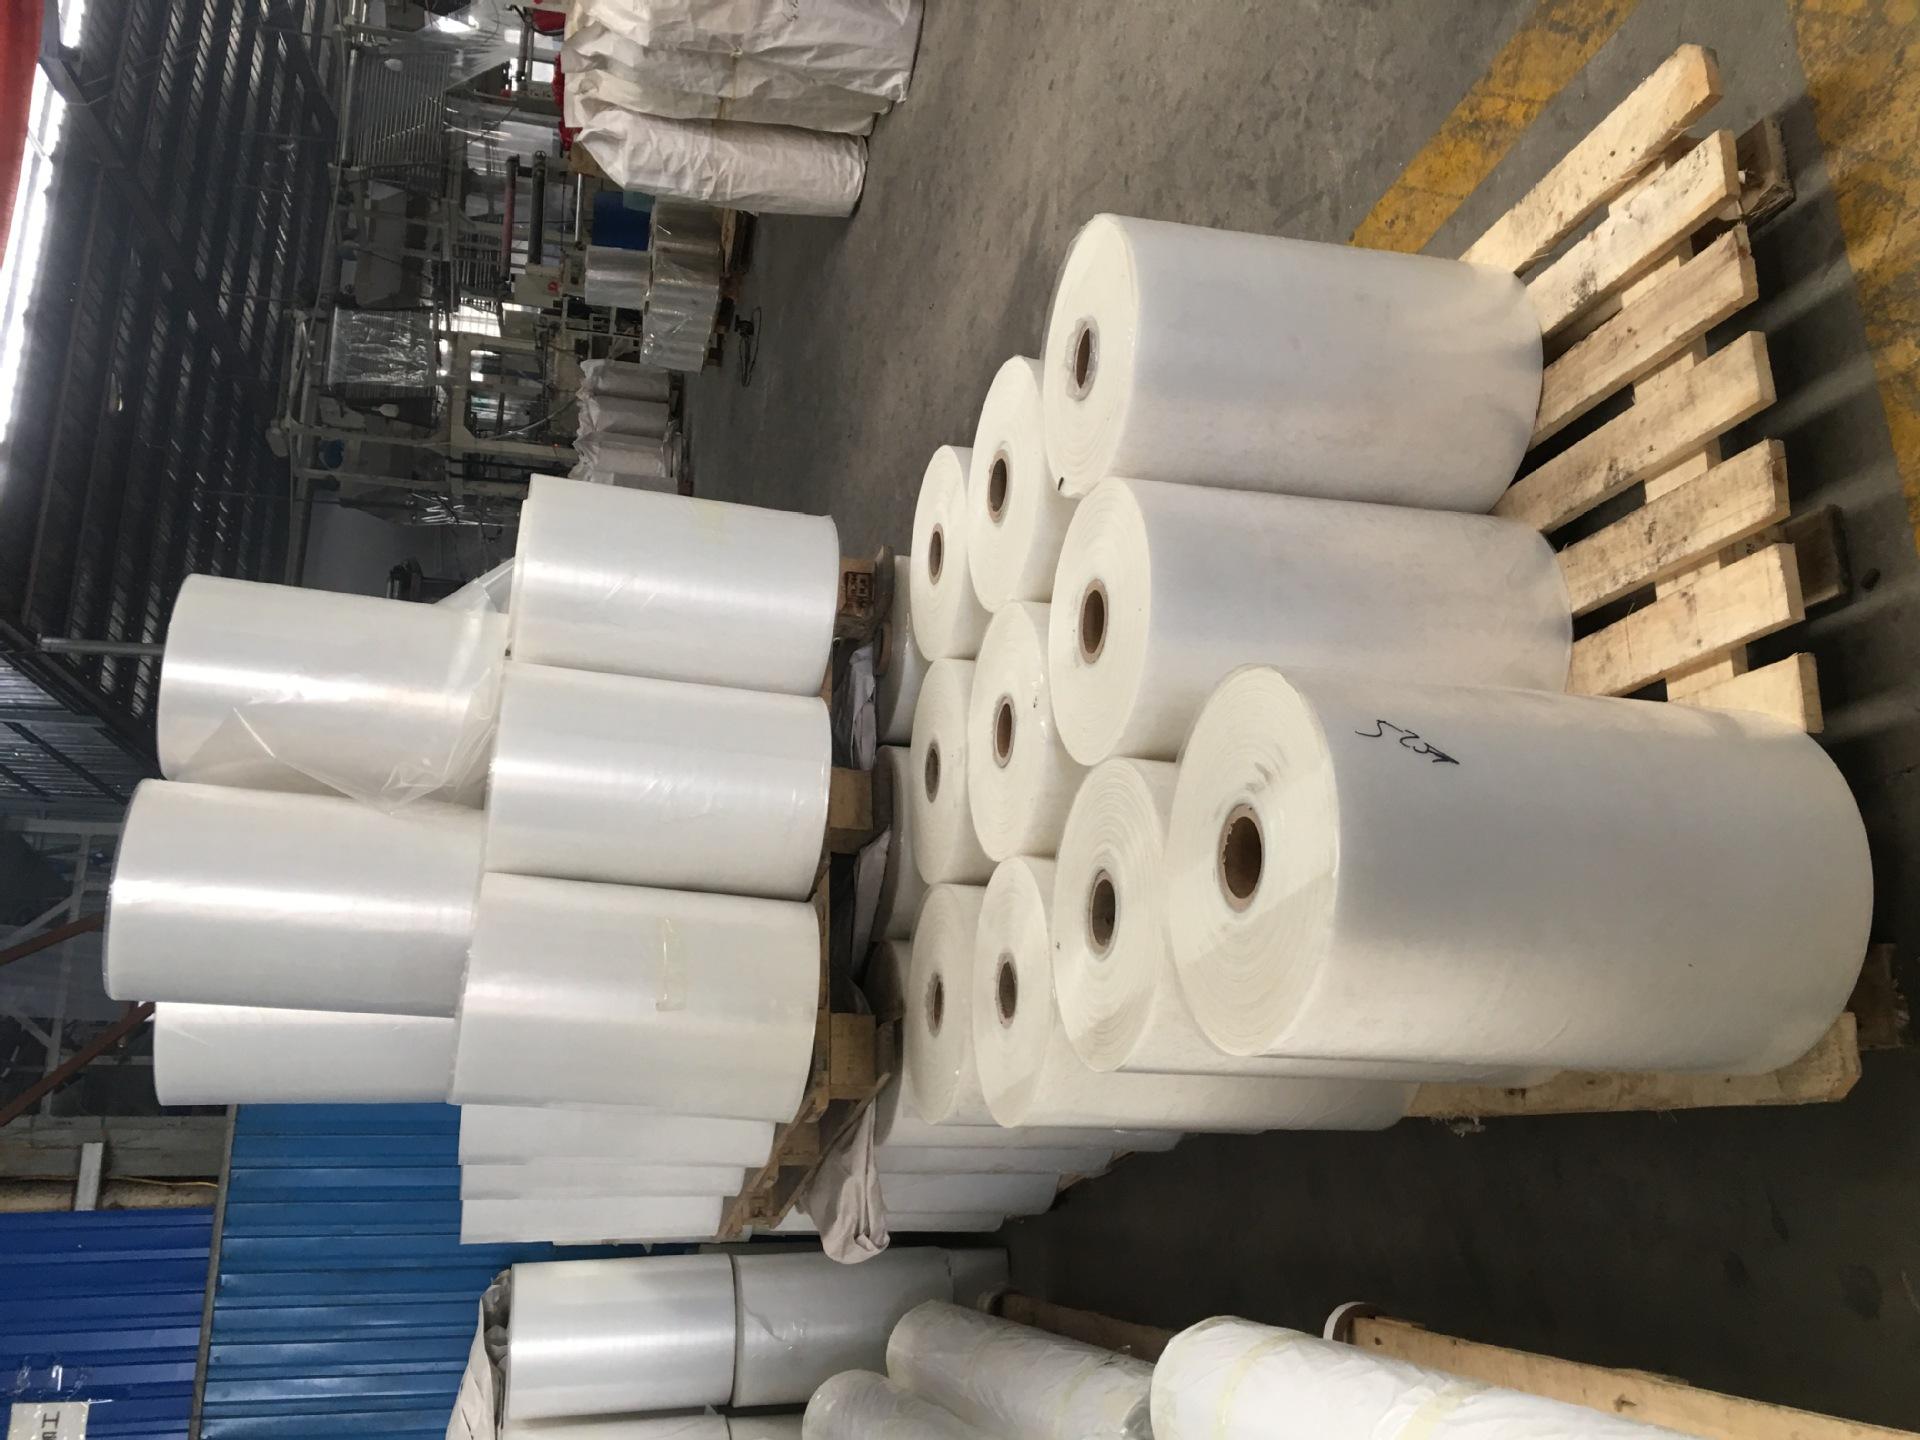 厂家直销耐高温尼龙膜、耐高温PA膜 高温杀菌、消毒薄膜 210度